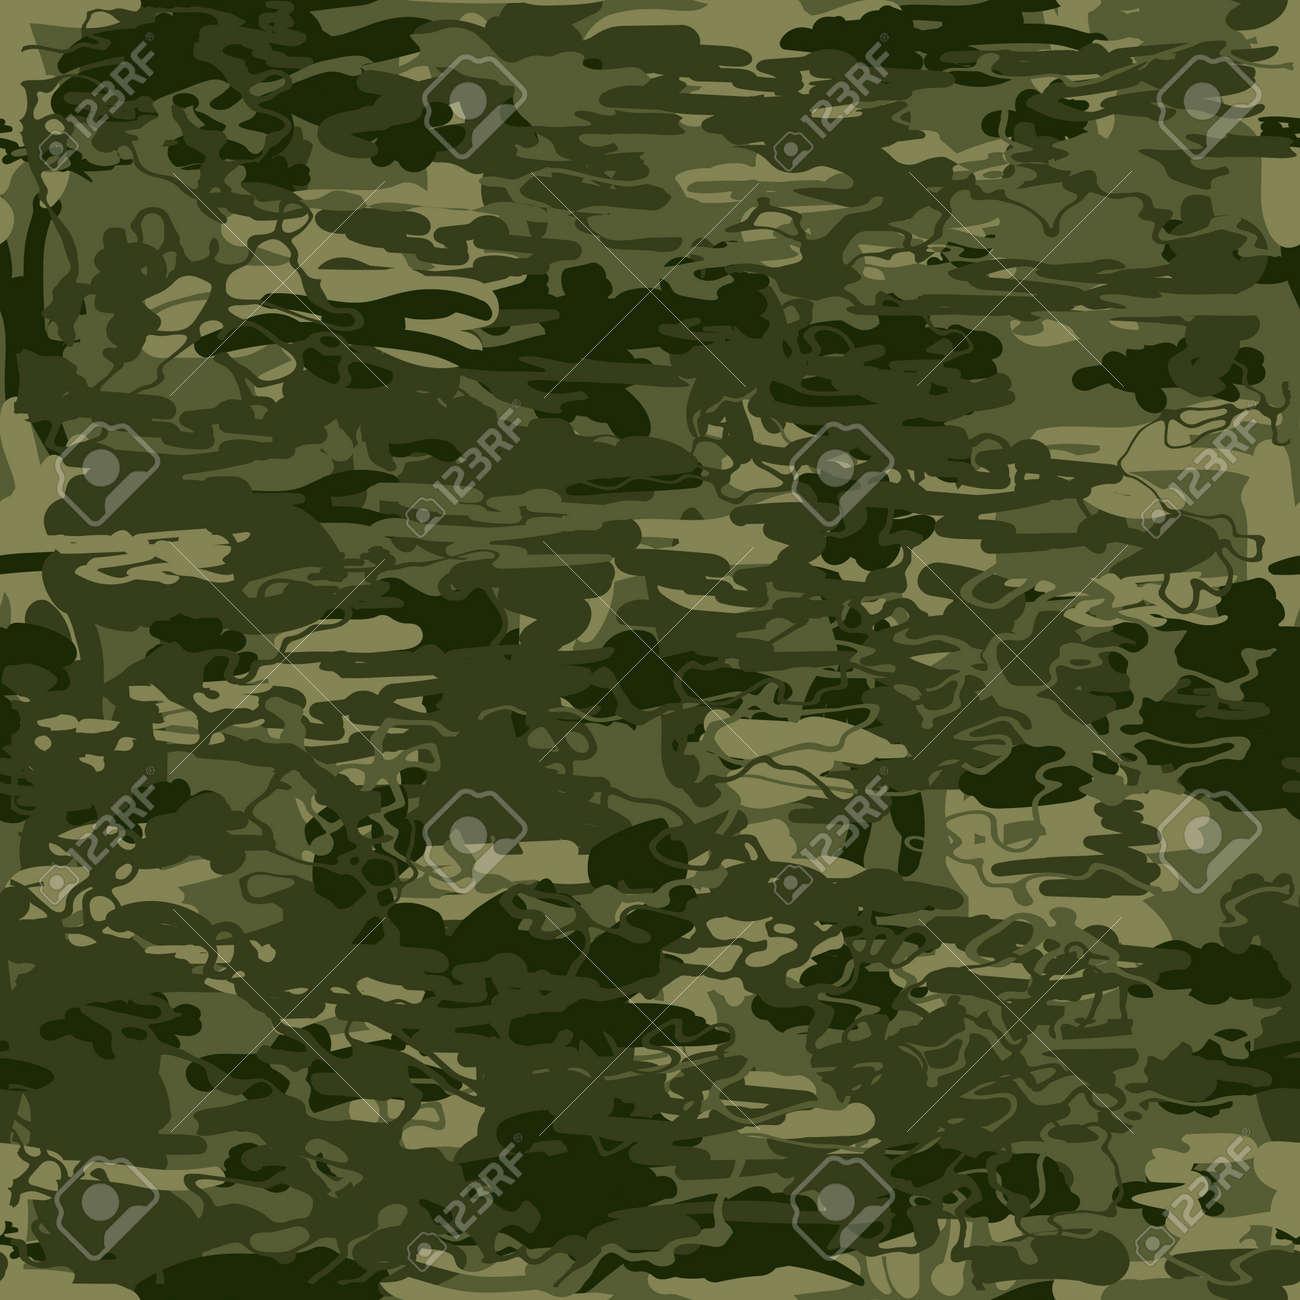 抽象的なベクトル ミリタリー迷彩シームレス パターン 図は 壁紙 パターンの塗りつぶし 布や包装紙でのプリント Web ページの背景に使用できます ネイビー色の組み合わせのイラスト素材 ベクタ Image